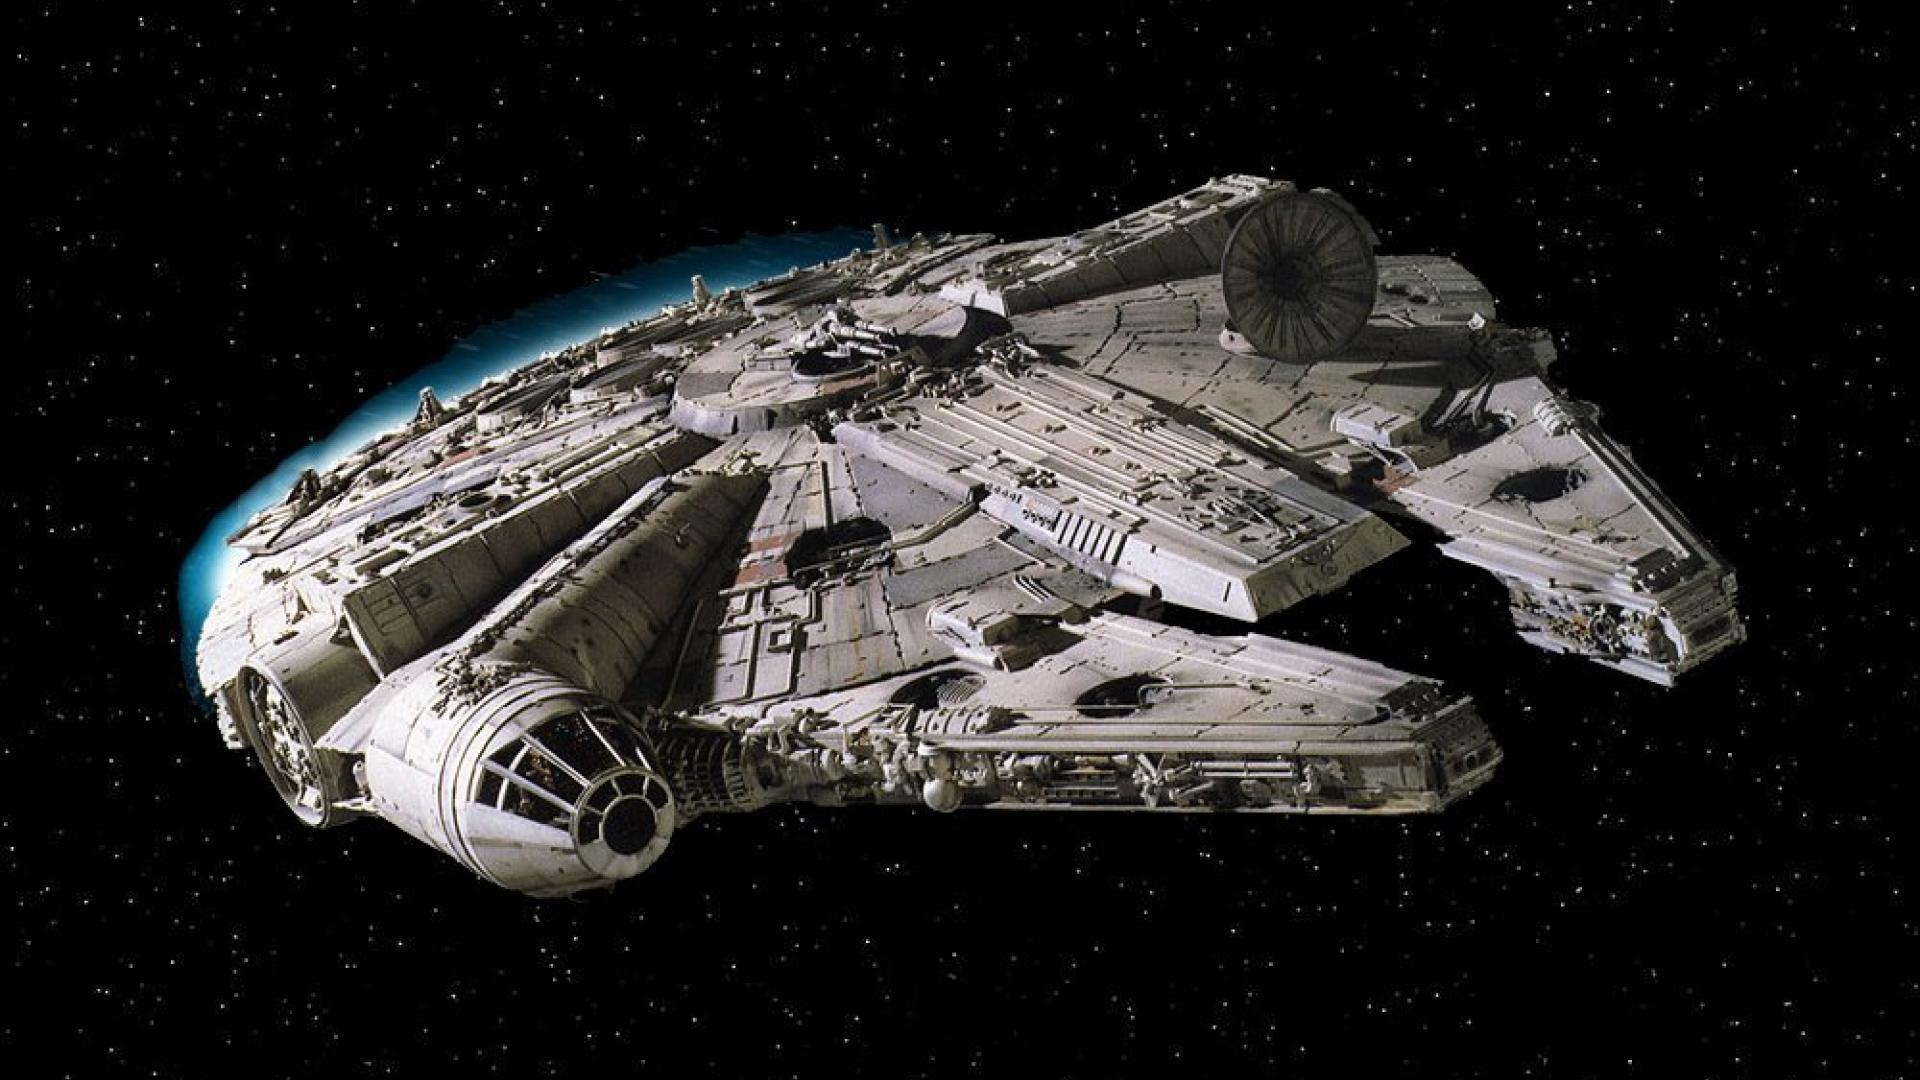 <strong>Yıldız Savaşları &#8211; Milenyum Kartalı!</strong>